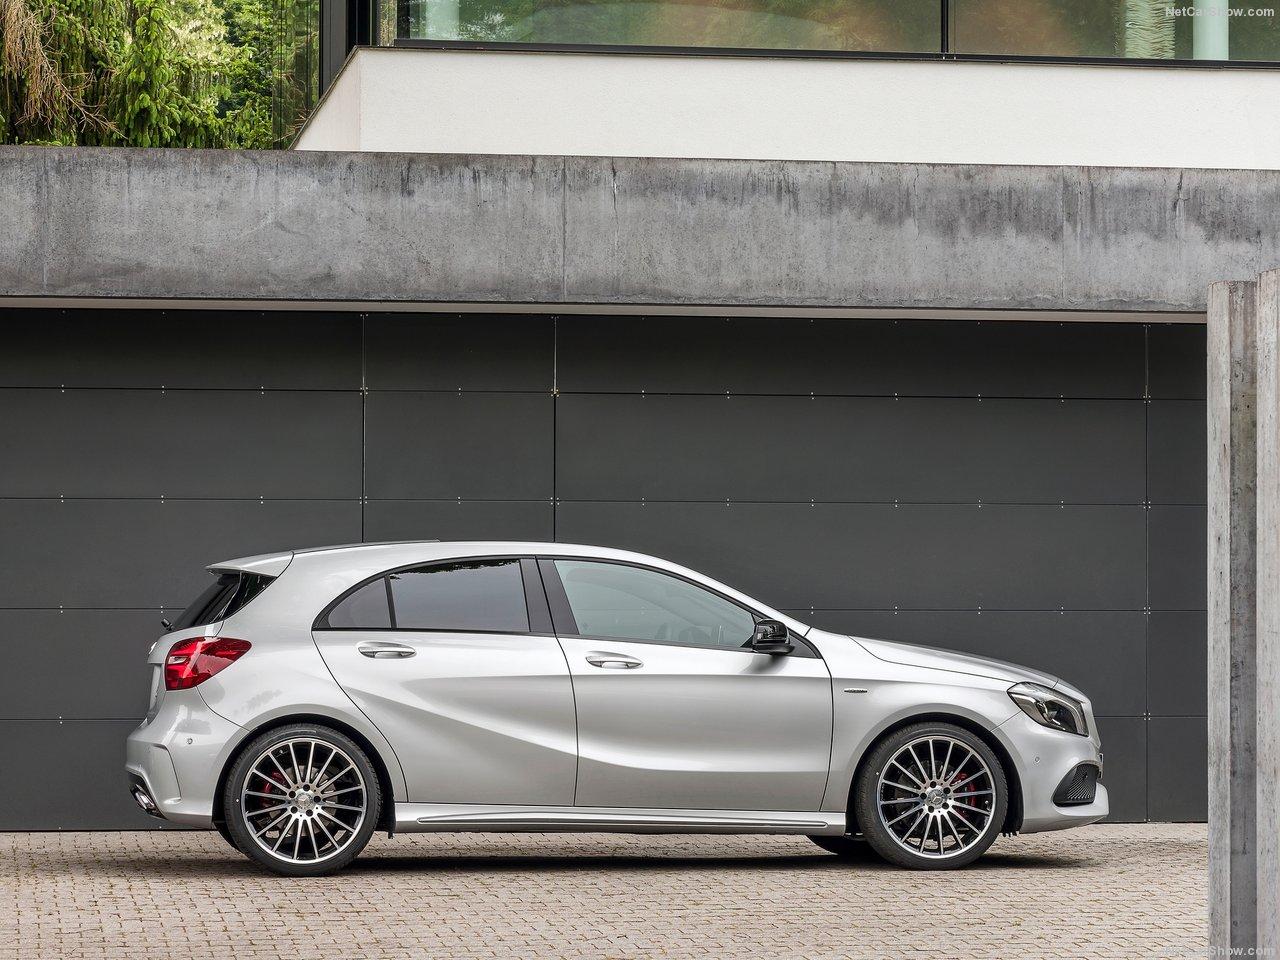 Mercedes-Benz-A-Class-2016-1280-19.jpg